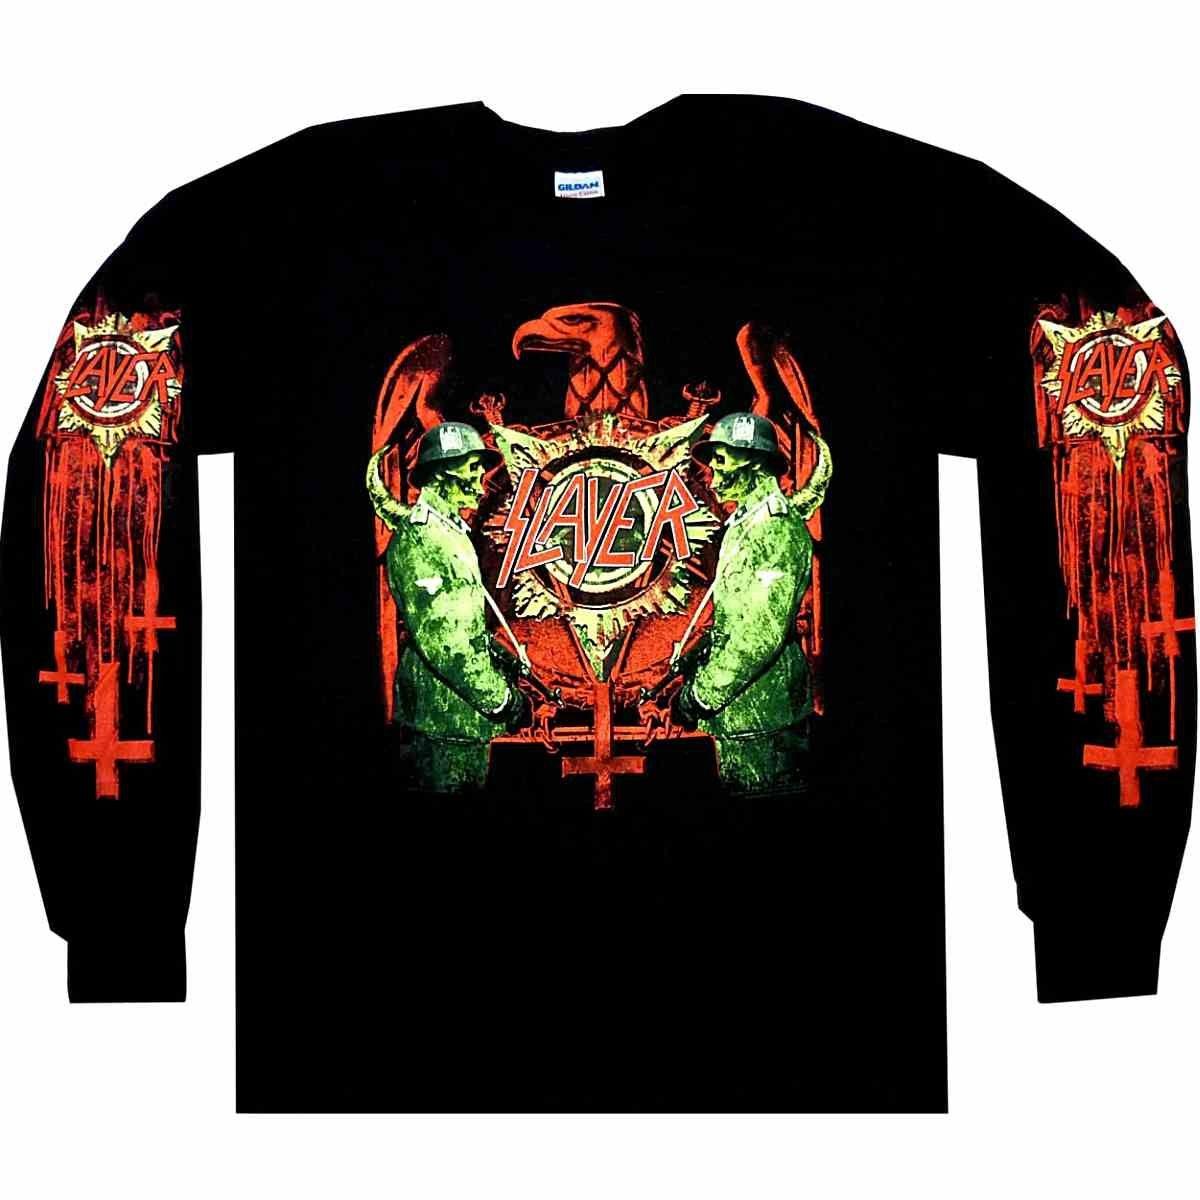 Slayer Silver Eagle Thrash Metal Rock Licensed Tee T-Shirt Men